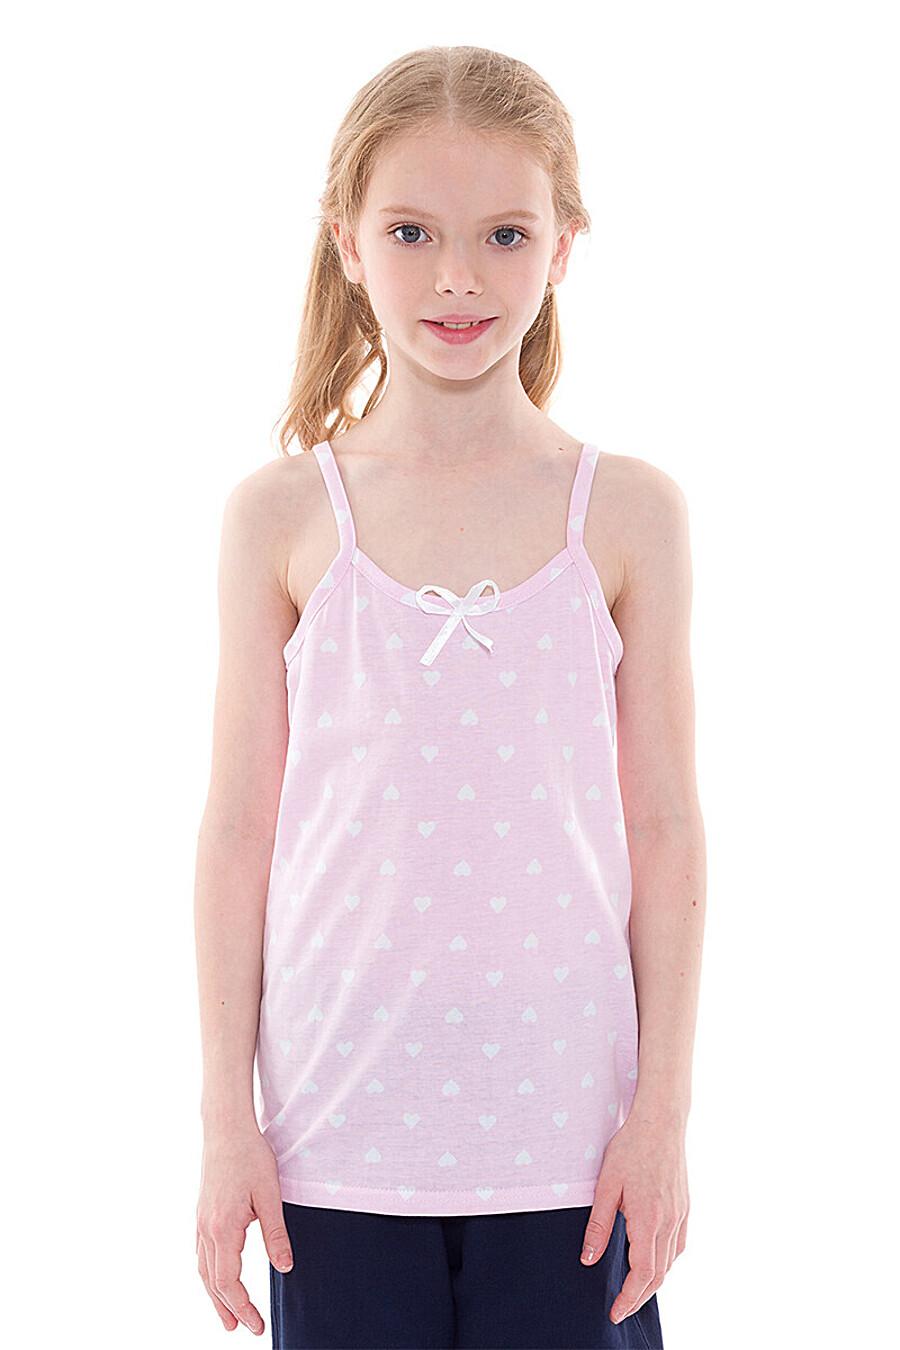 Майка для девочек N.O.A. 334973 купить оптом от производителя. Совместная покупка детской одежды в OptMoyo